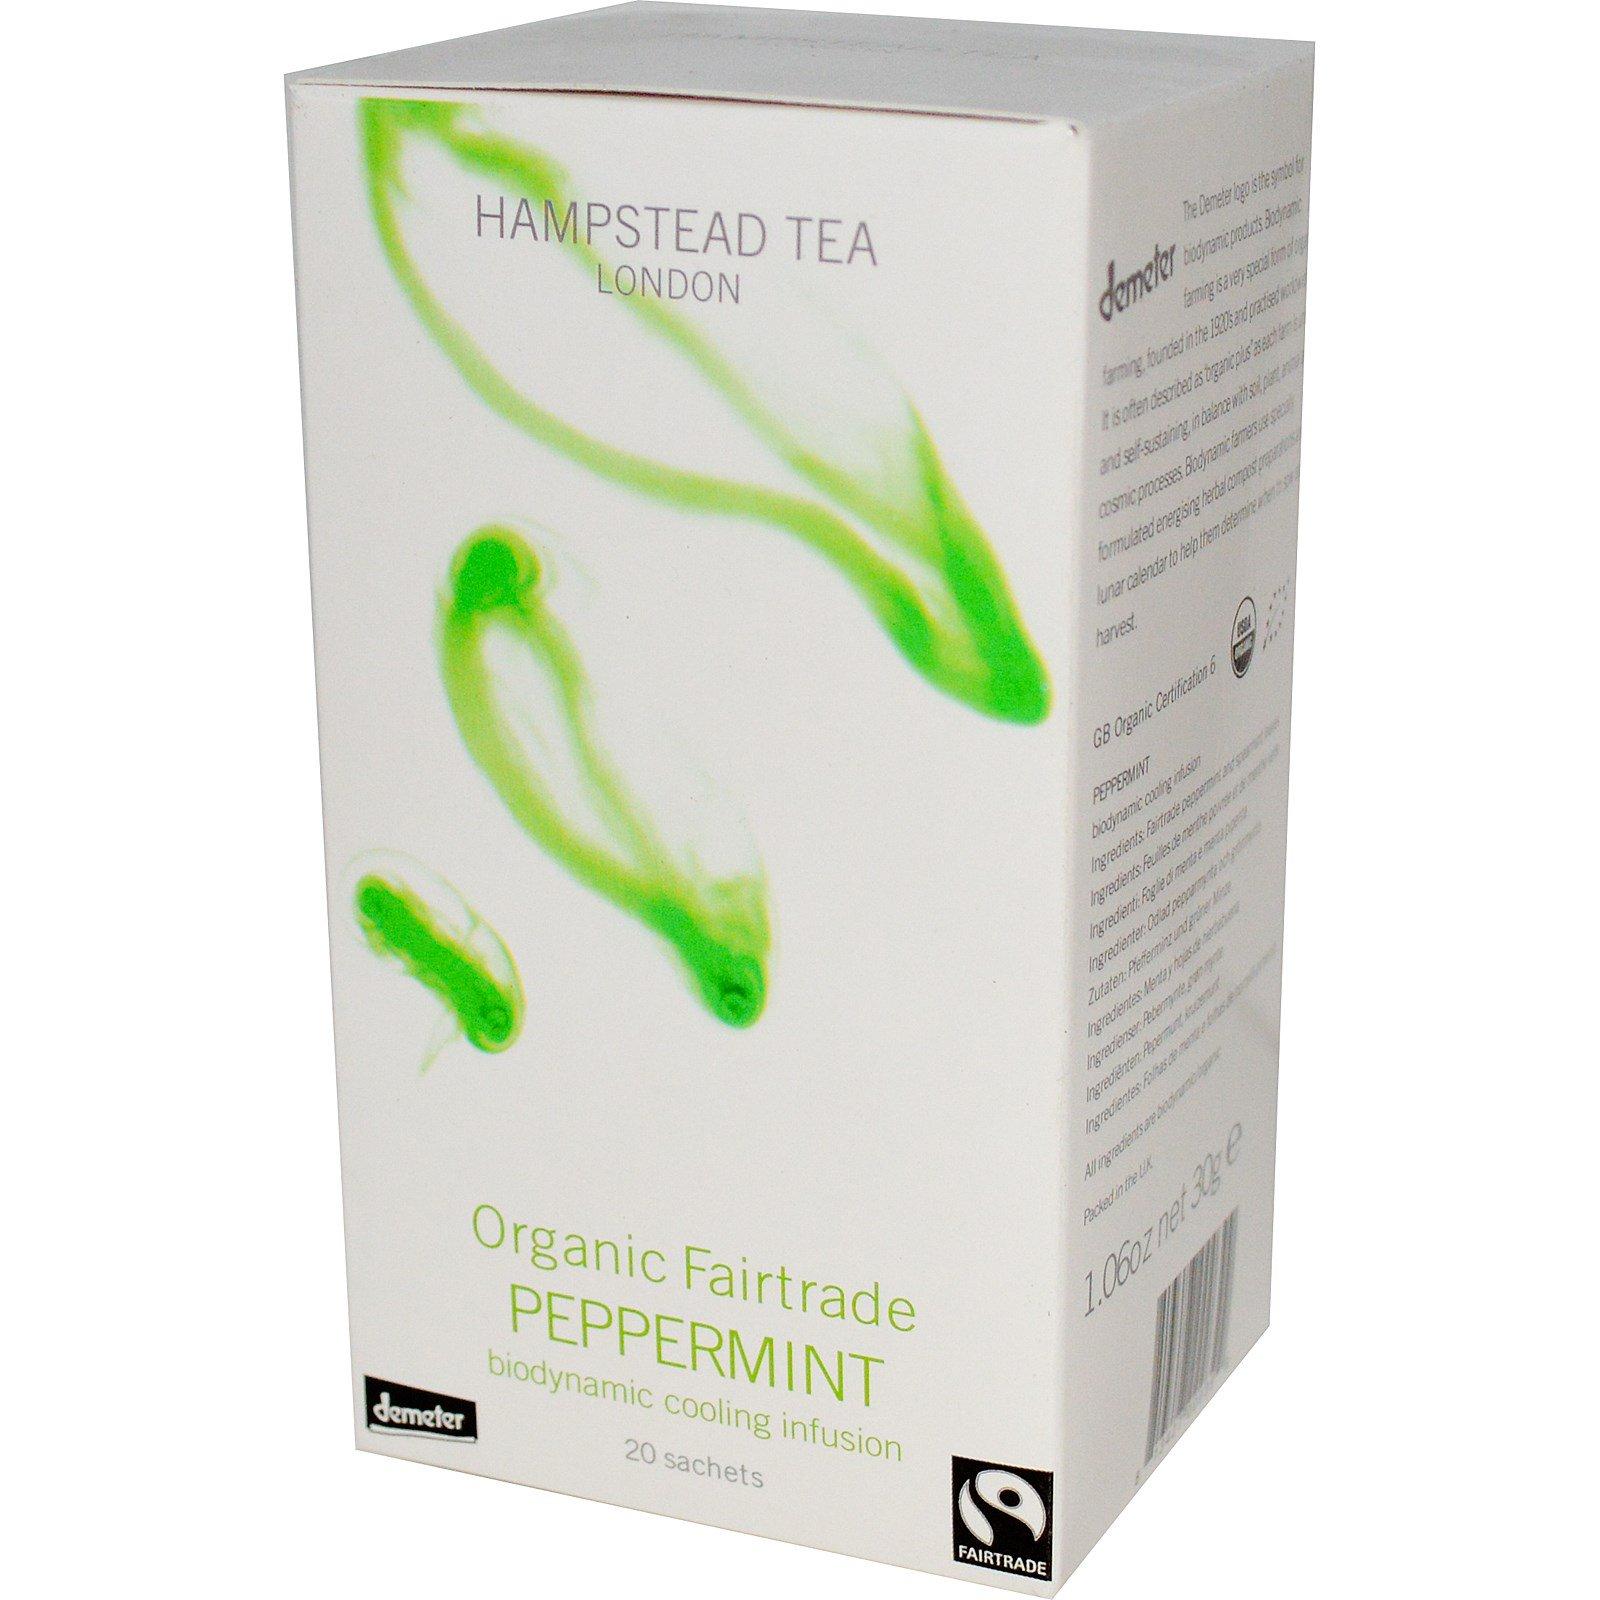 Hampstead Tea, Органическая перечная мята, изготовленная по правилам честной торговли, 20 пакетиков, 30 г